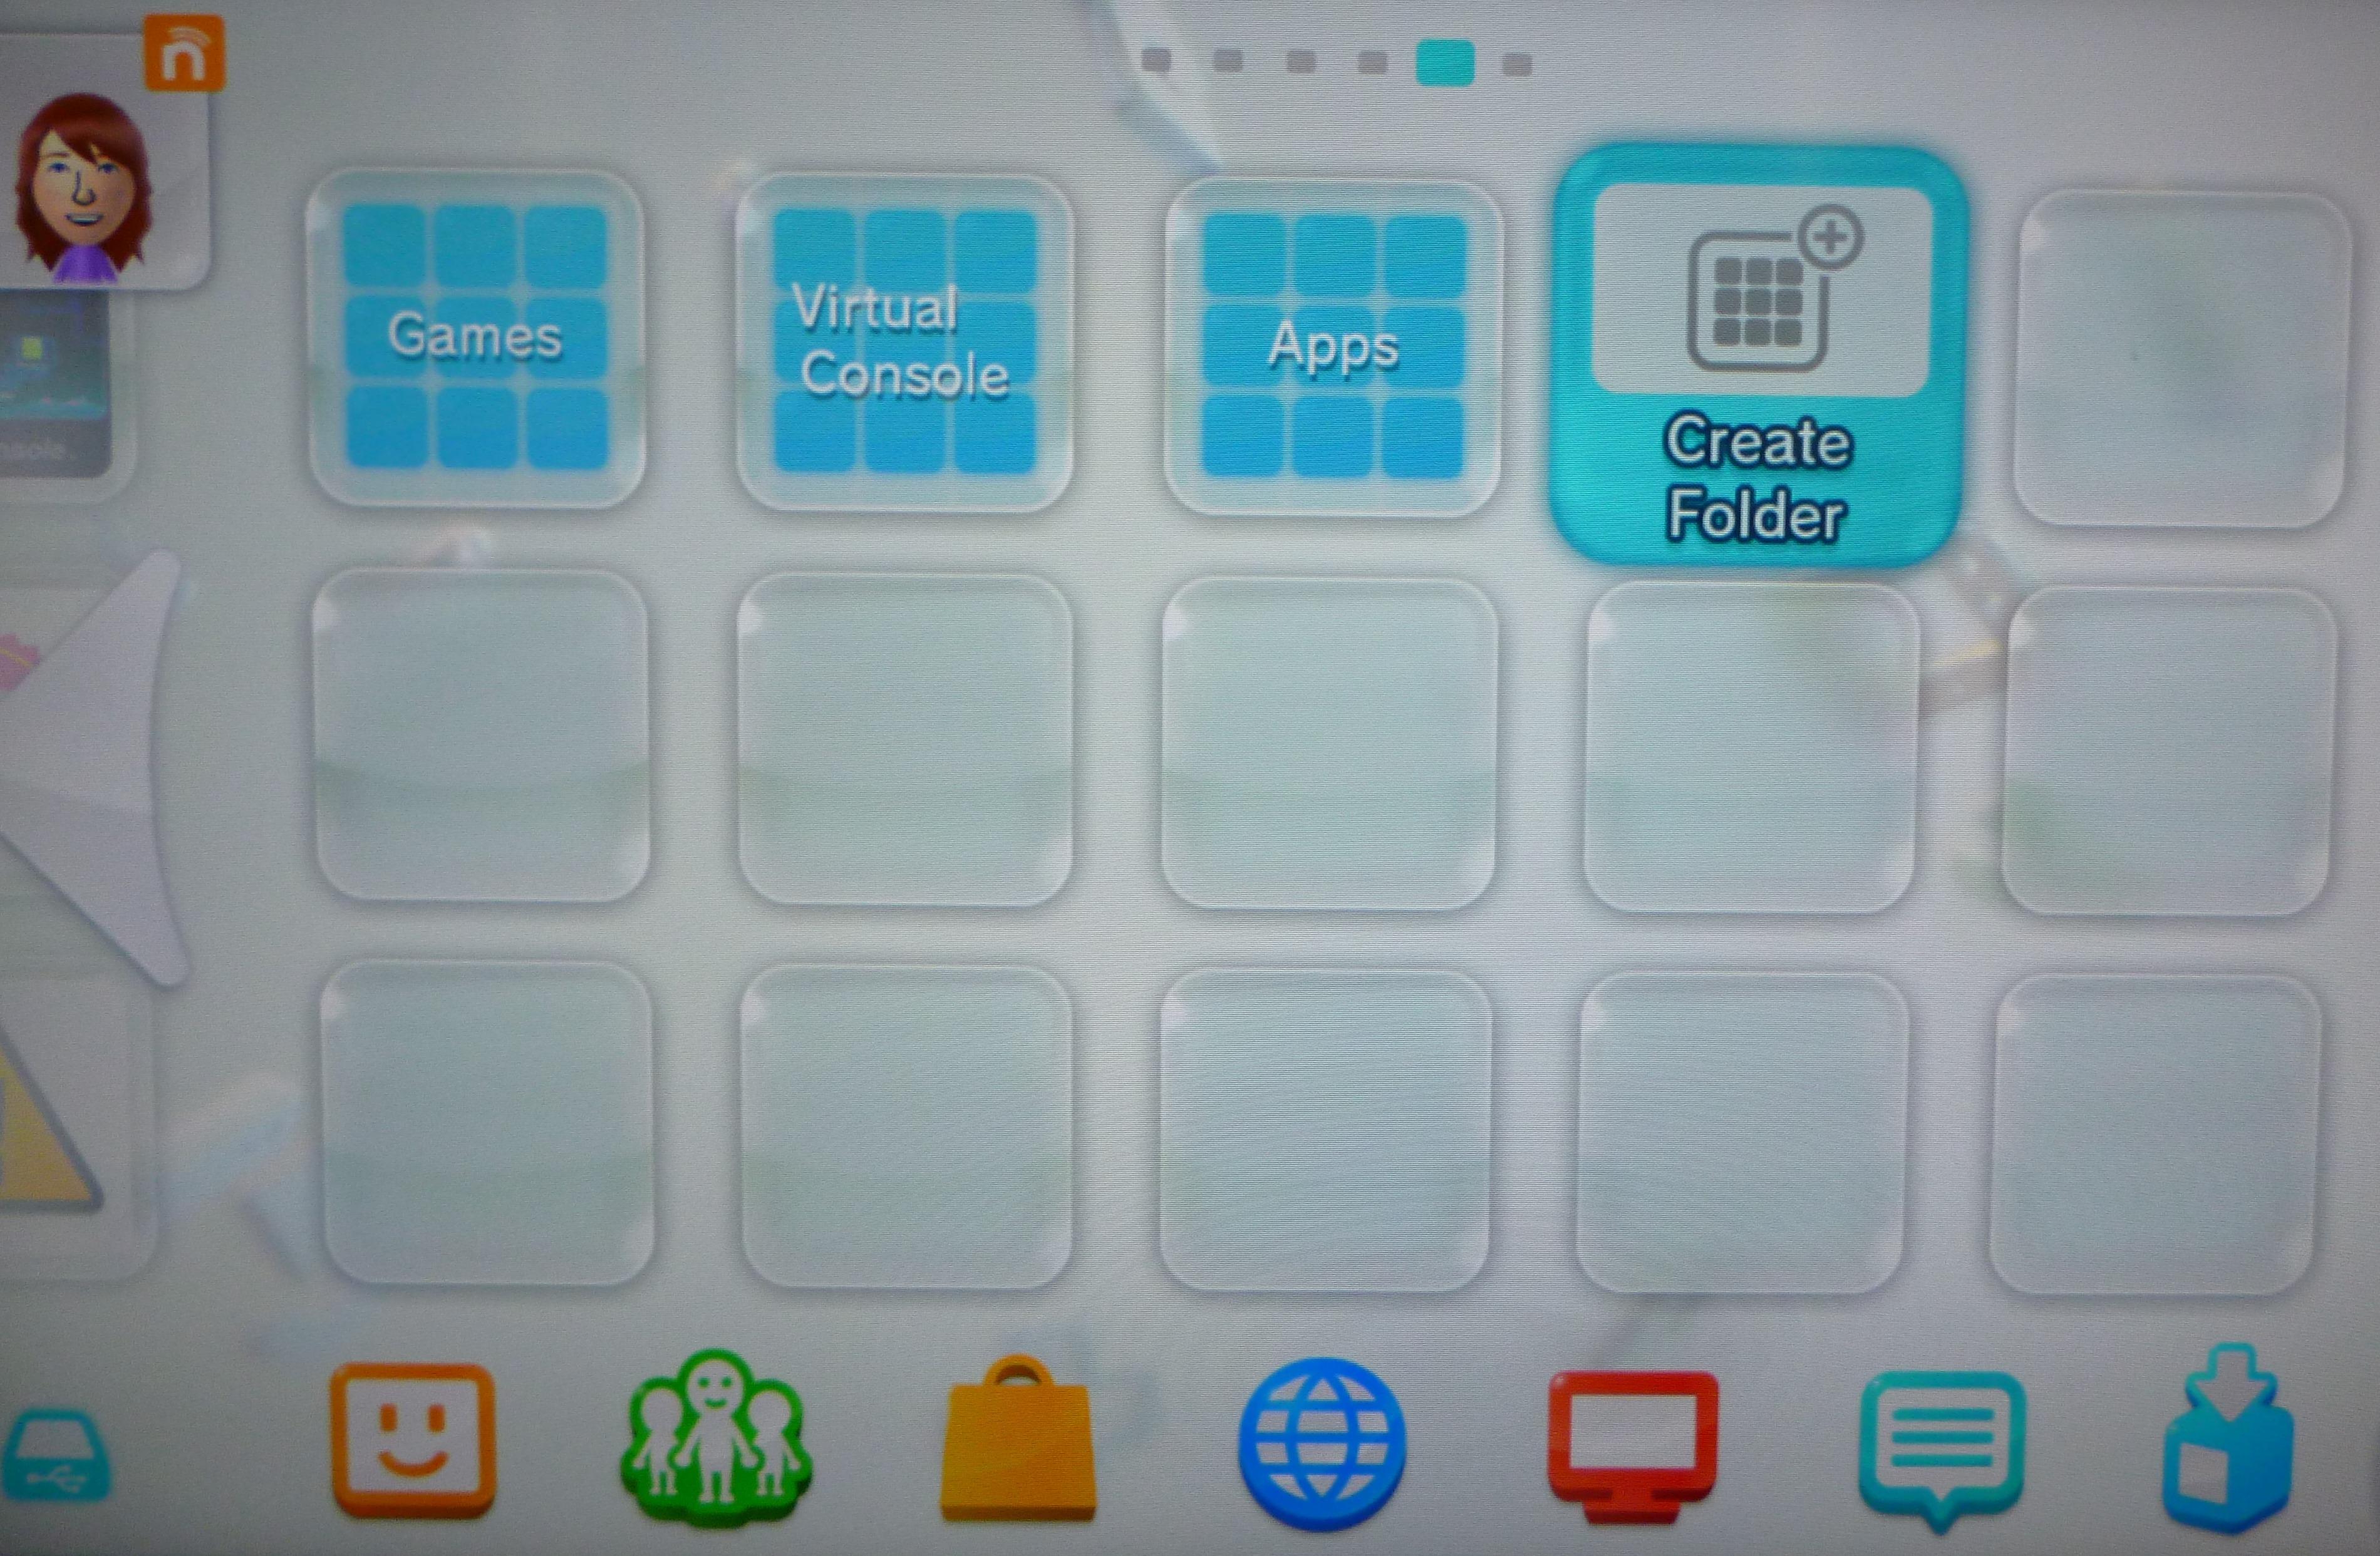 Wii U system update finally adds folders